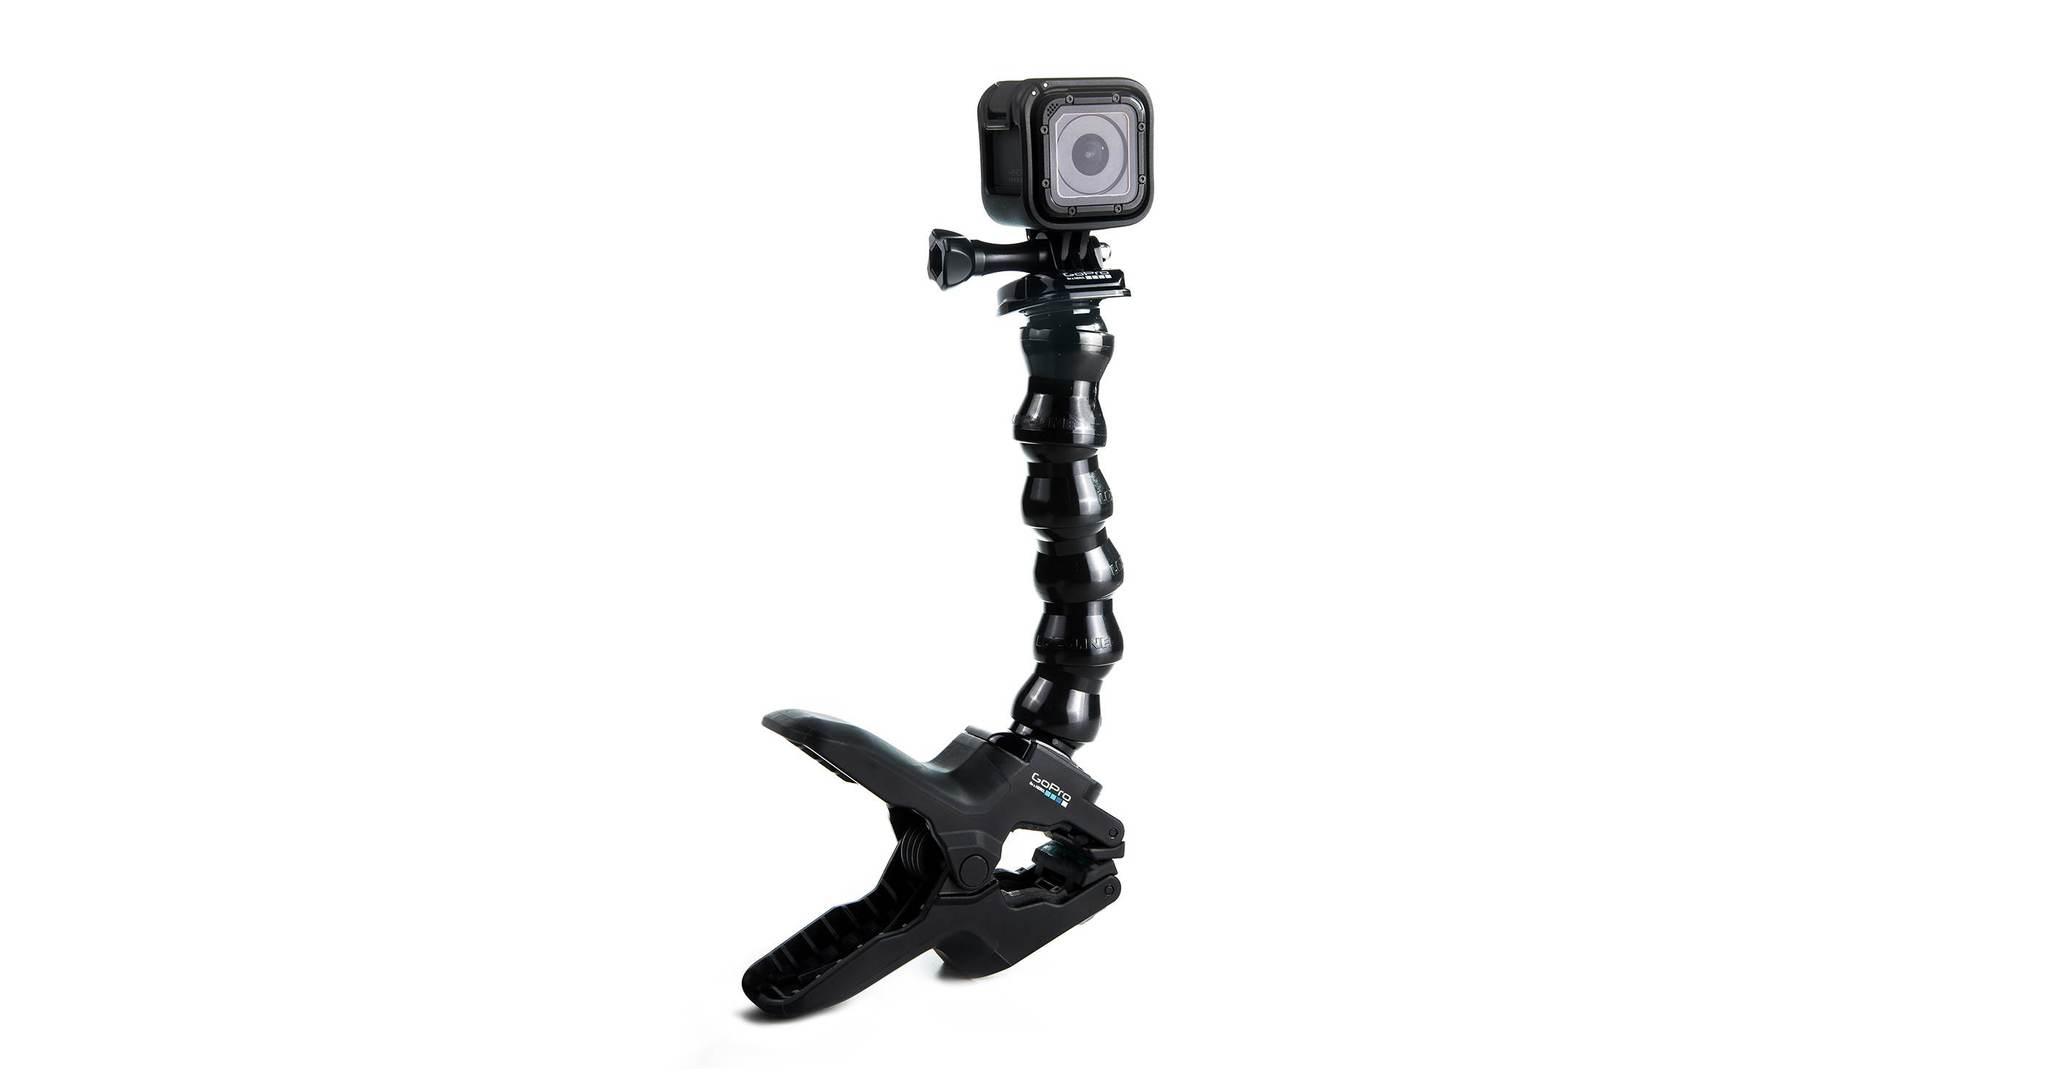 Крепление-прищепка GoPro ACMPM-001 Jaws: Flex Clamp